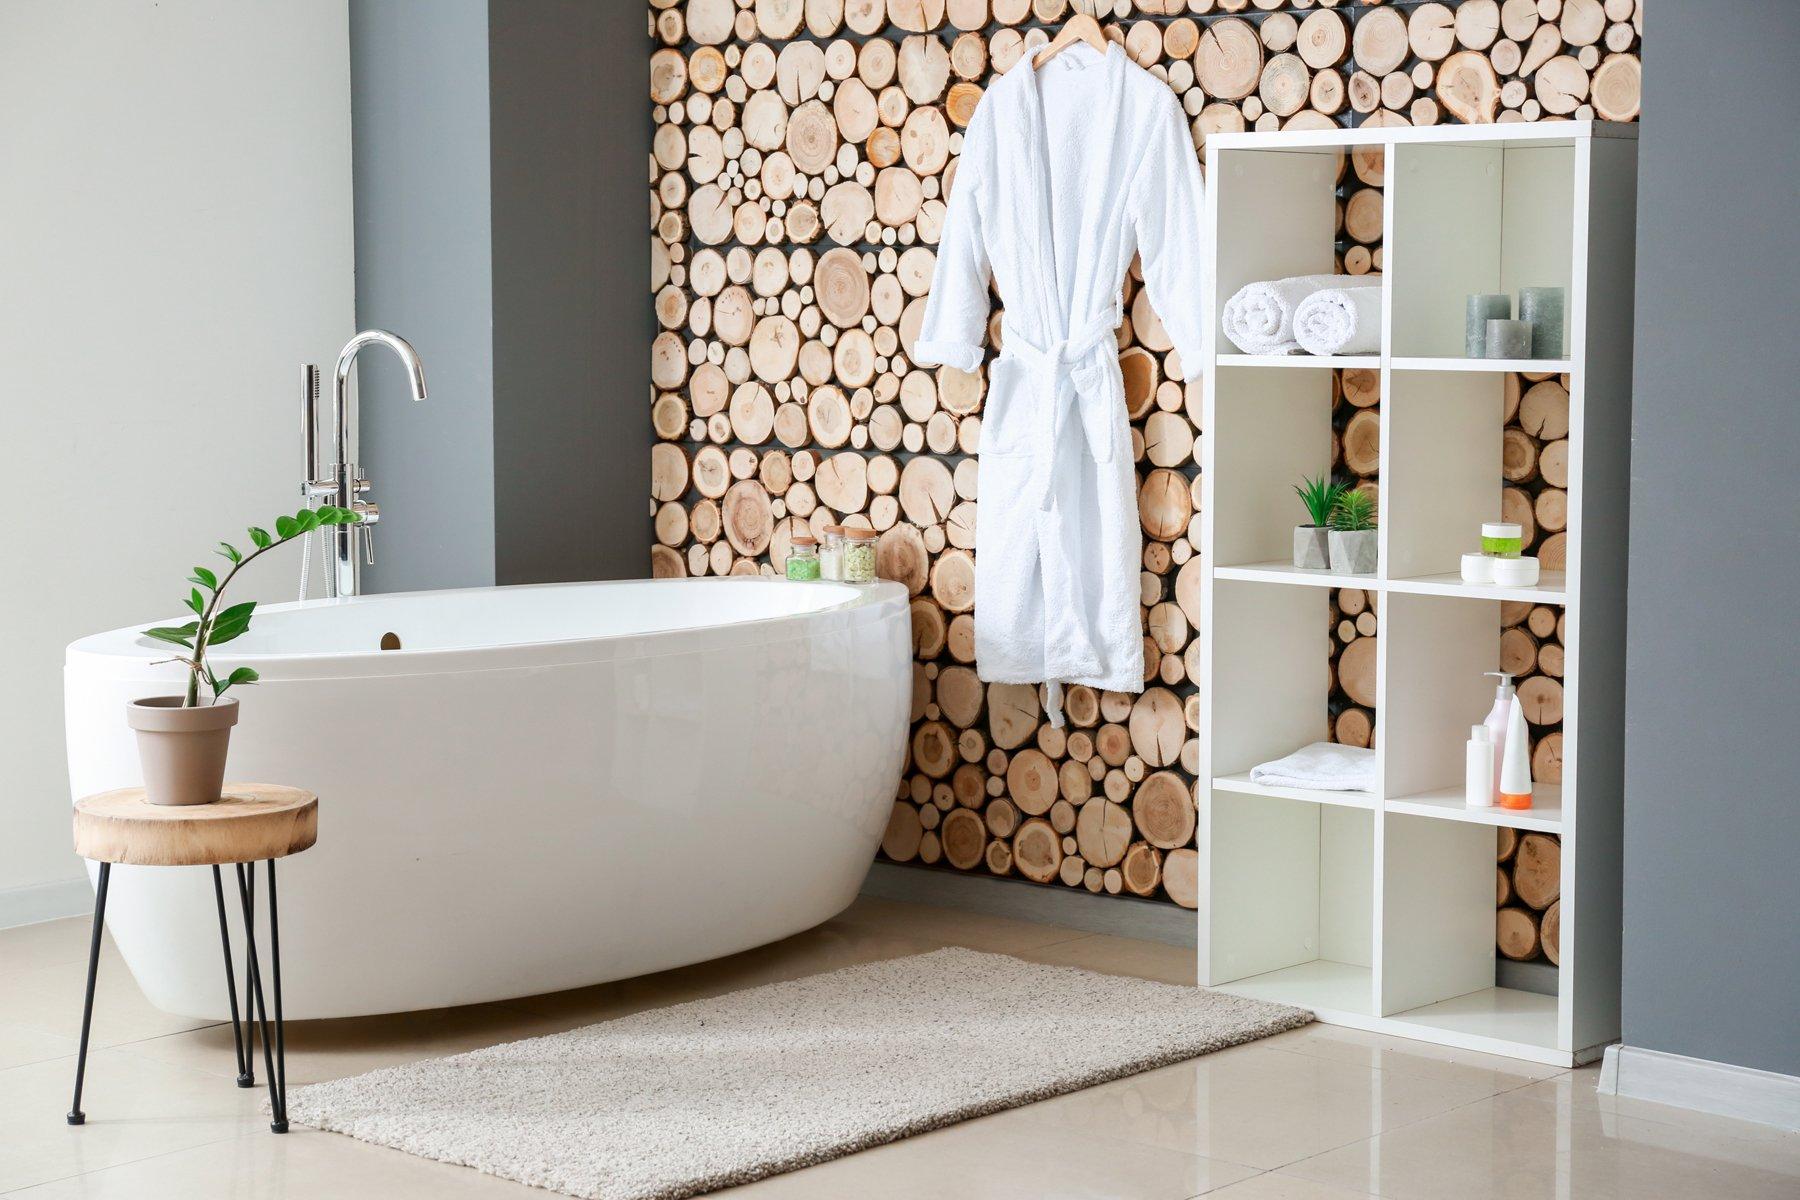 durchlauferhitzer badezimmer